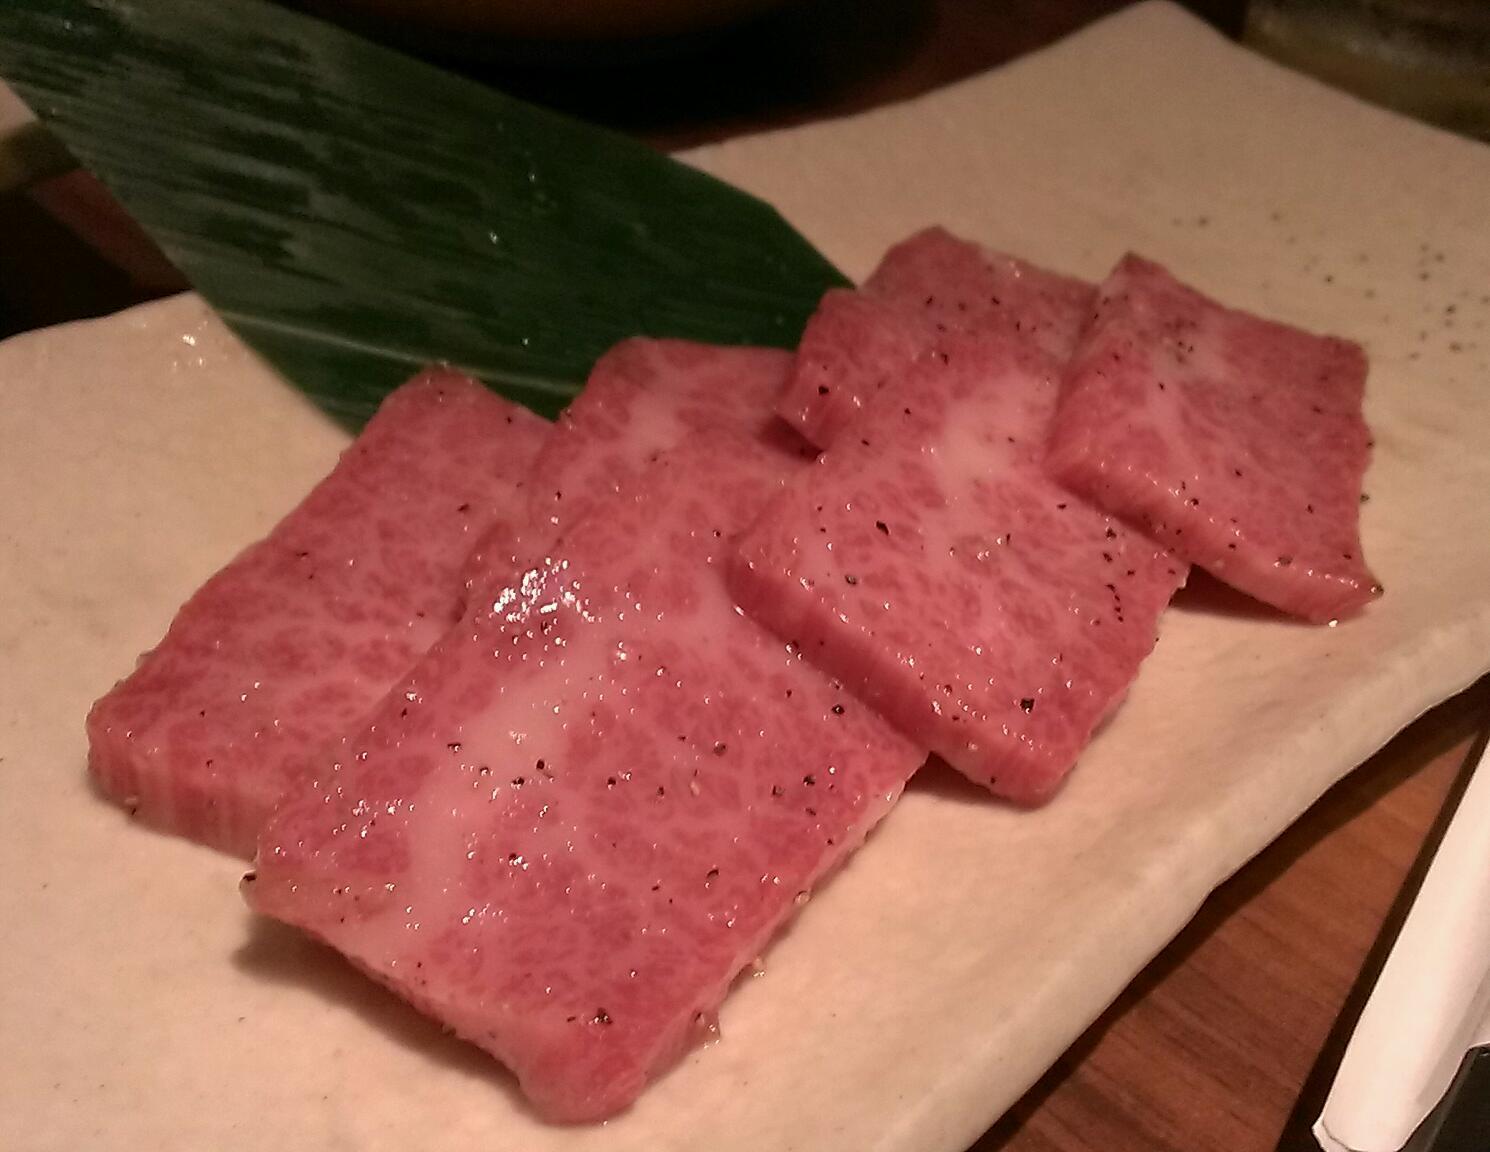 玲奈ちゃん(#^.^#)生誕あと、麻里子さまお気に入りの焼肉屋に行ってみた!( *・ω・)ノ